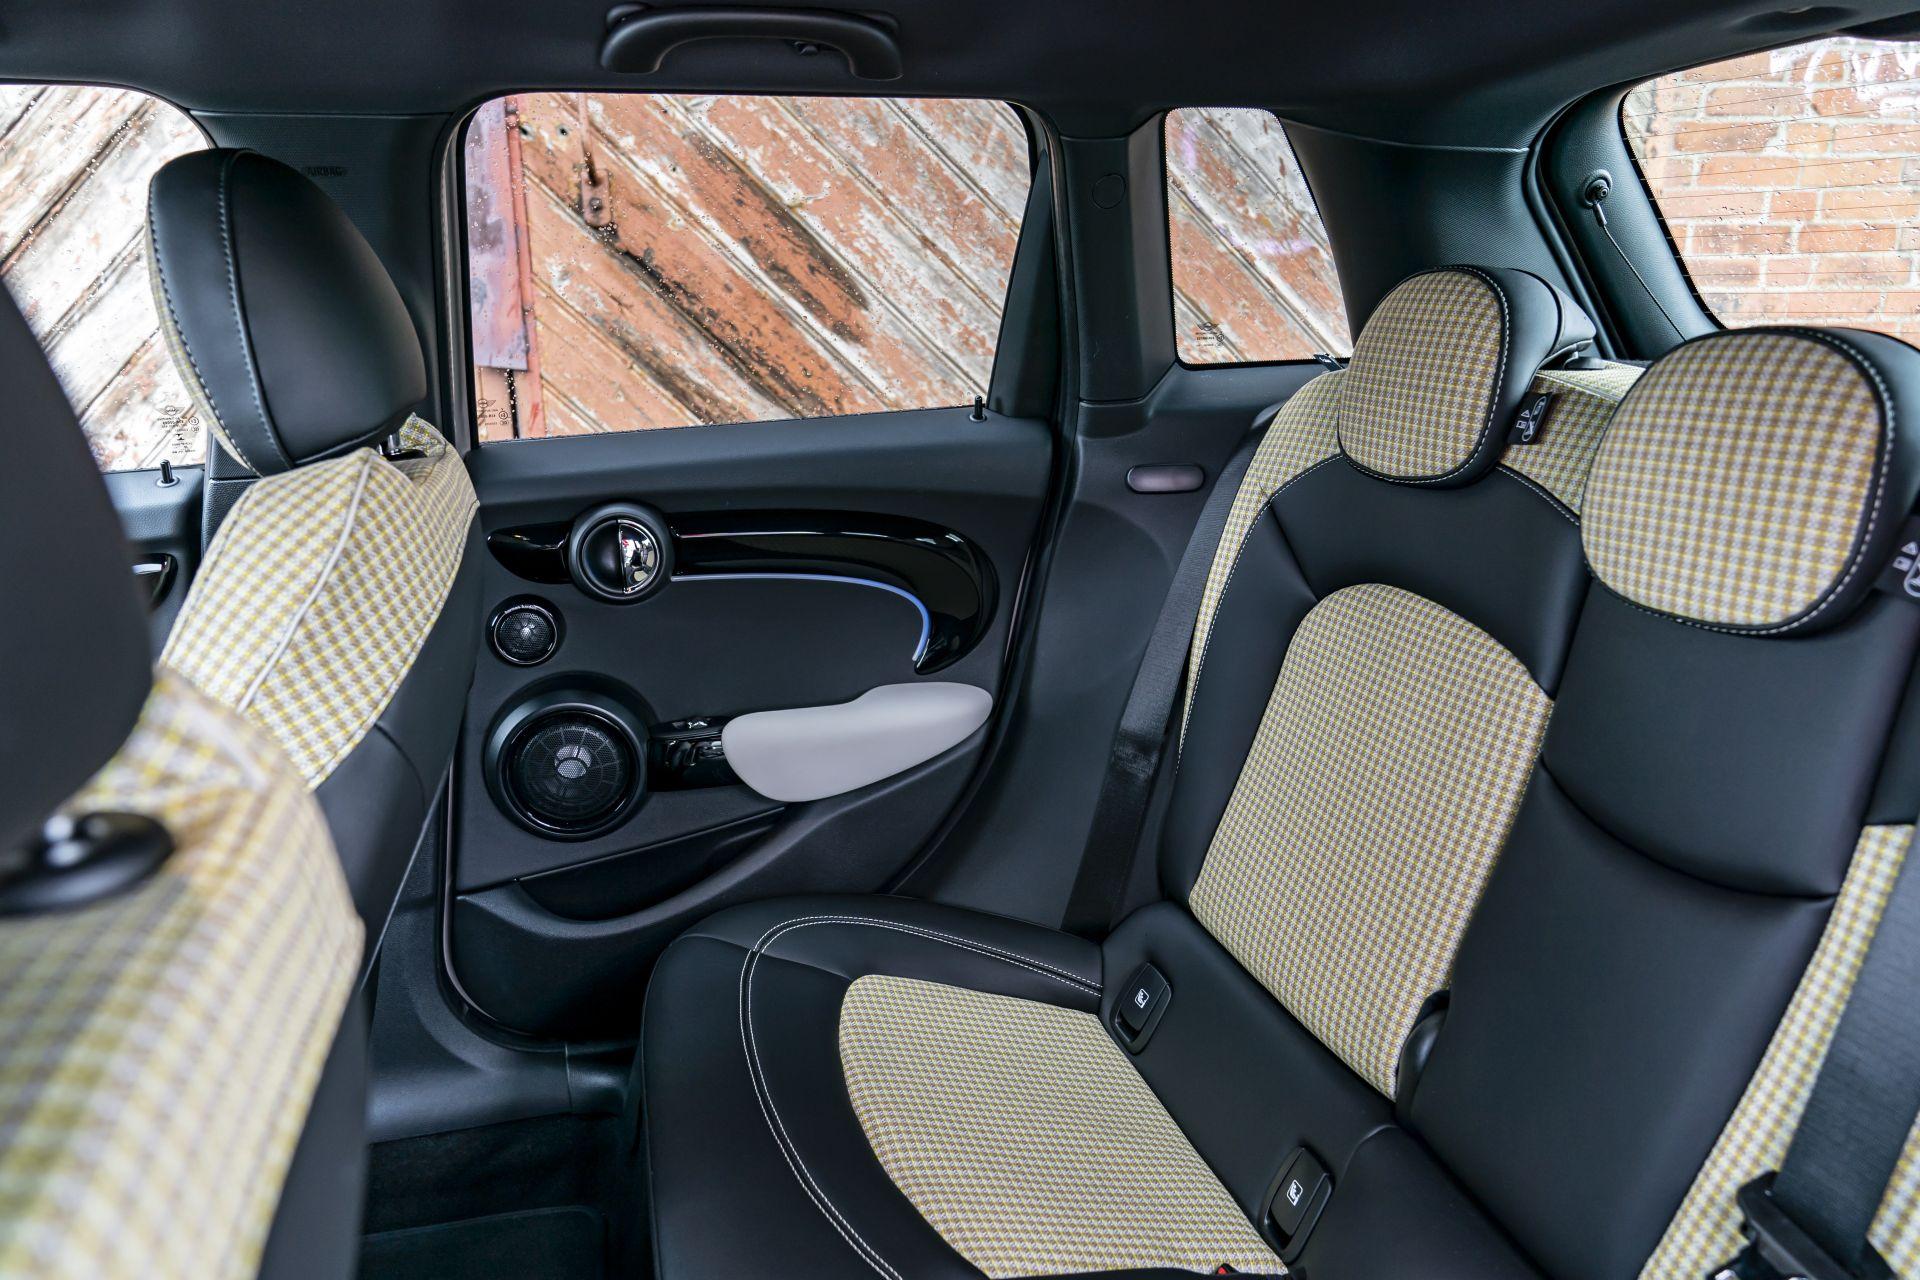 2021 MINI Hatch 4 door 18